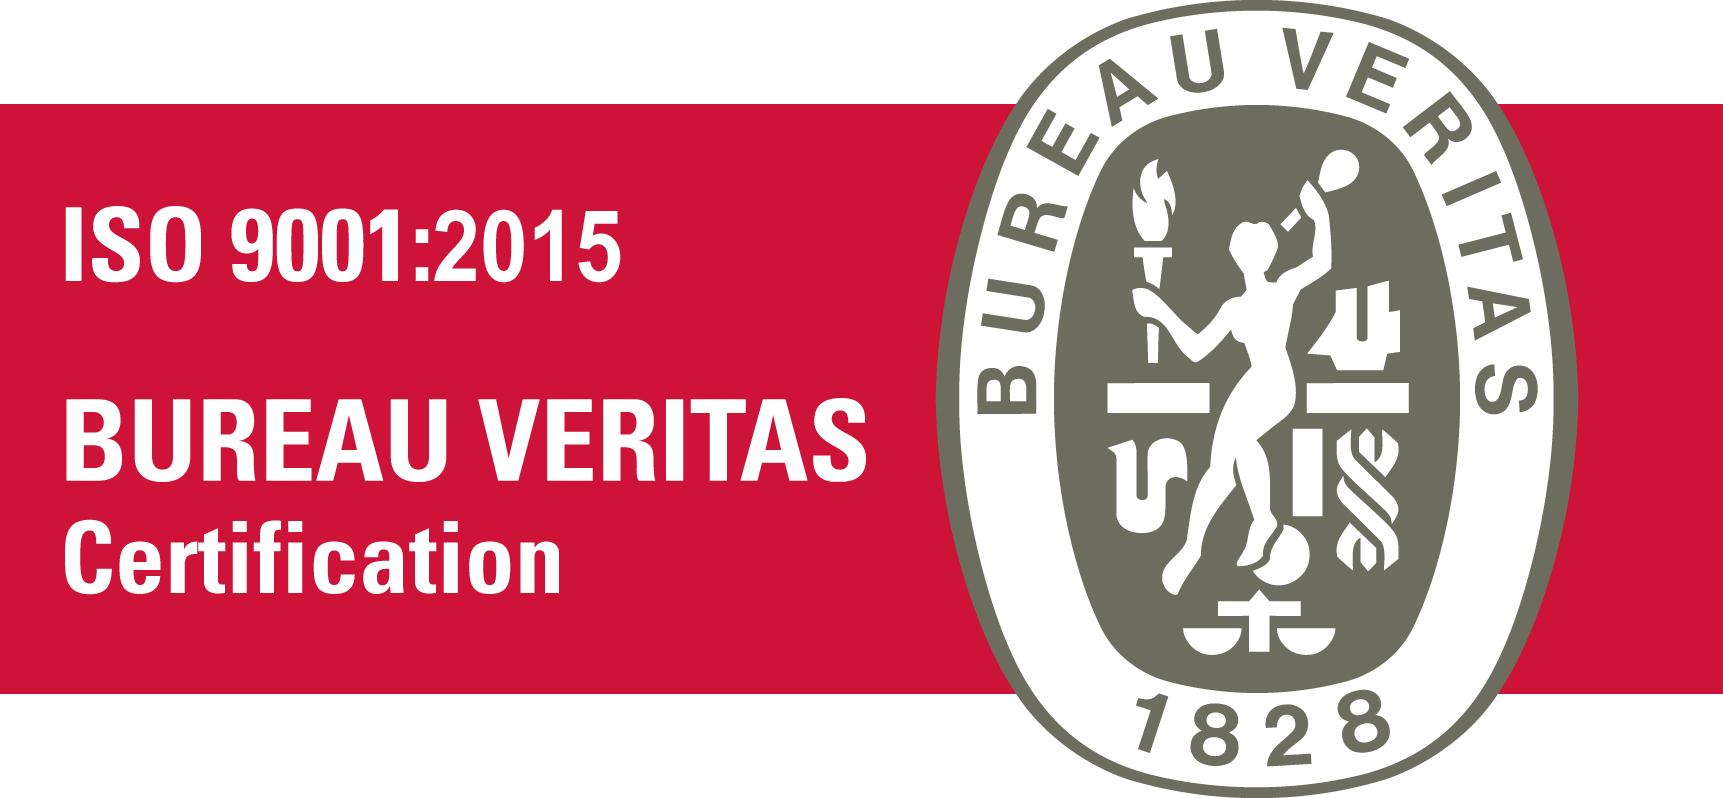 BV Certification ISO 9001